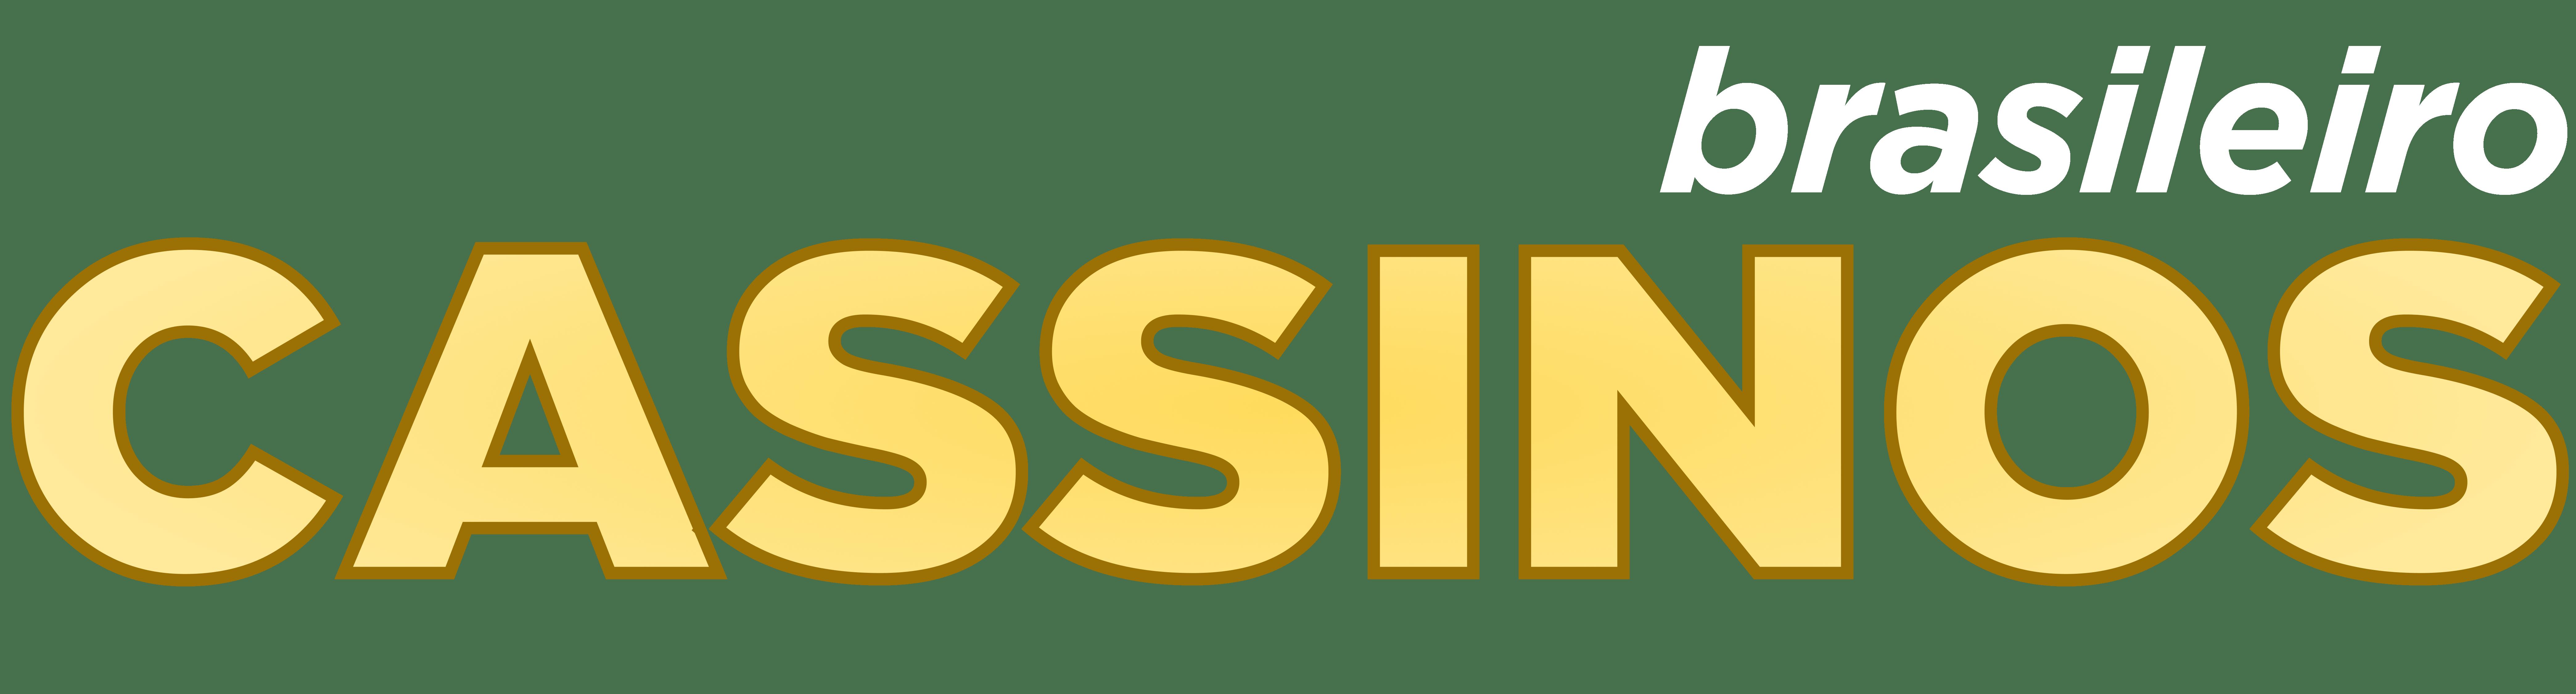 Cassinos Brasileiro